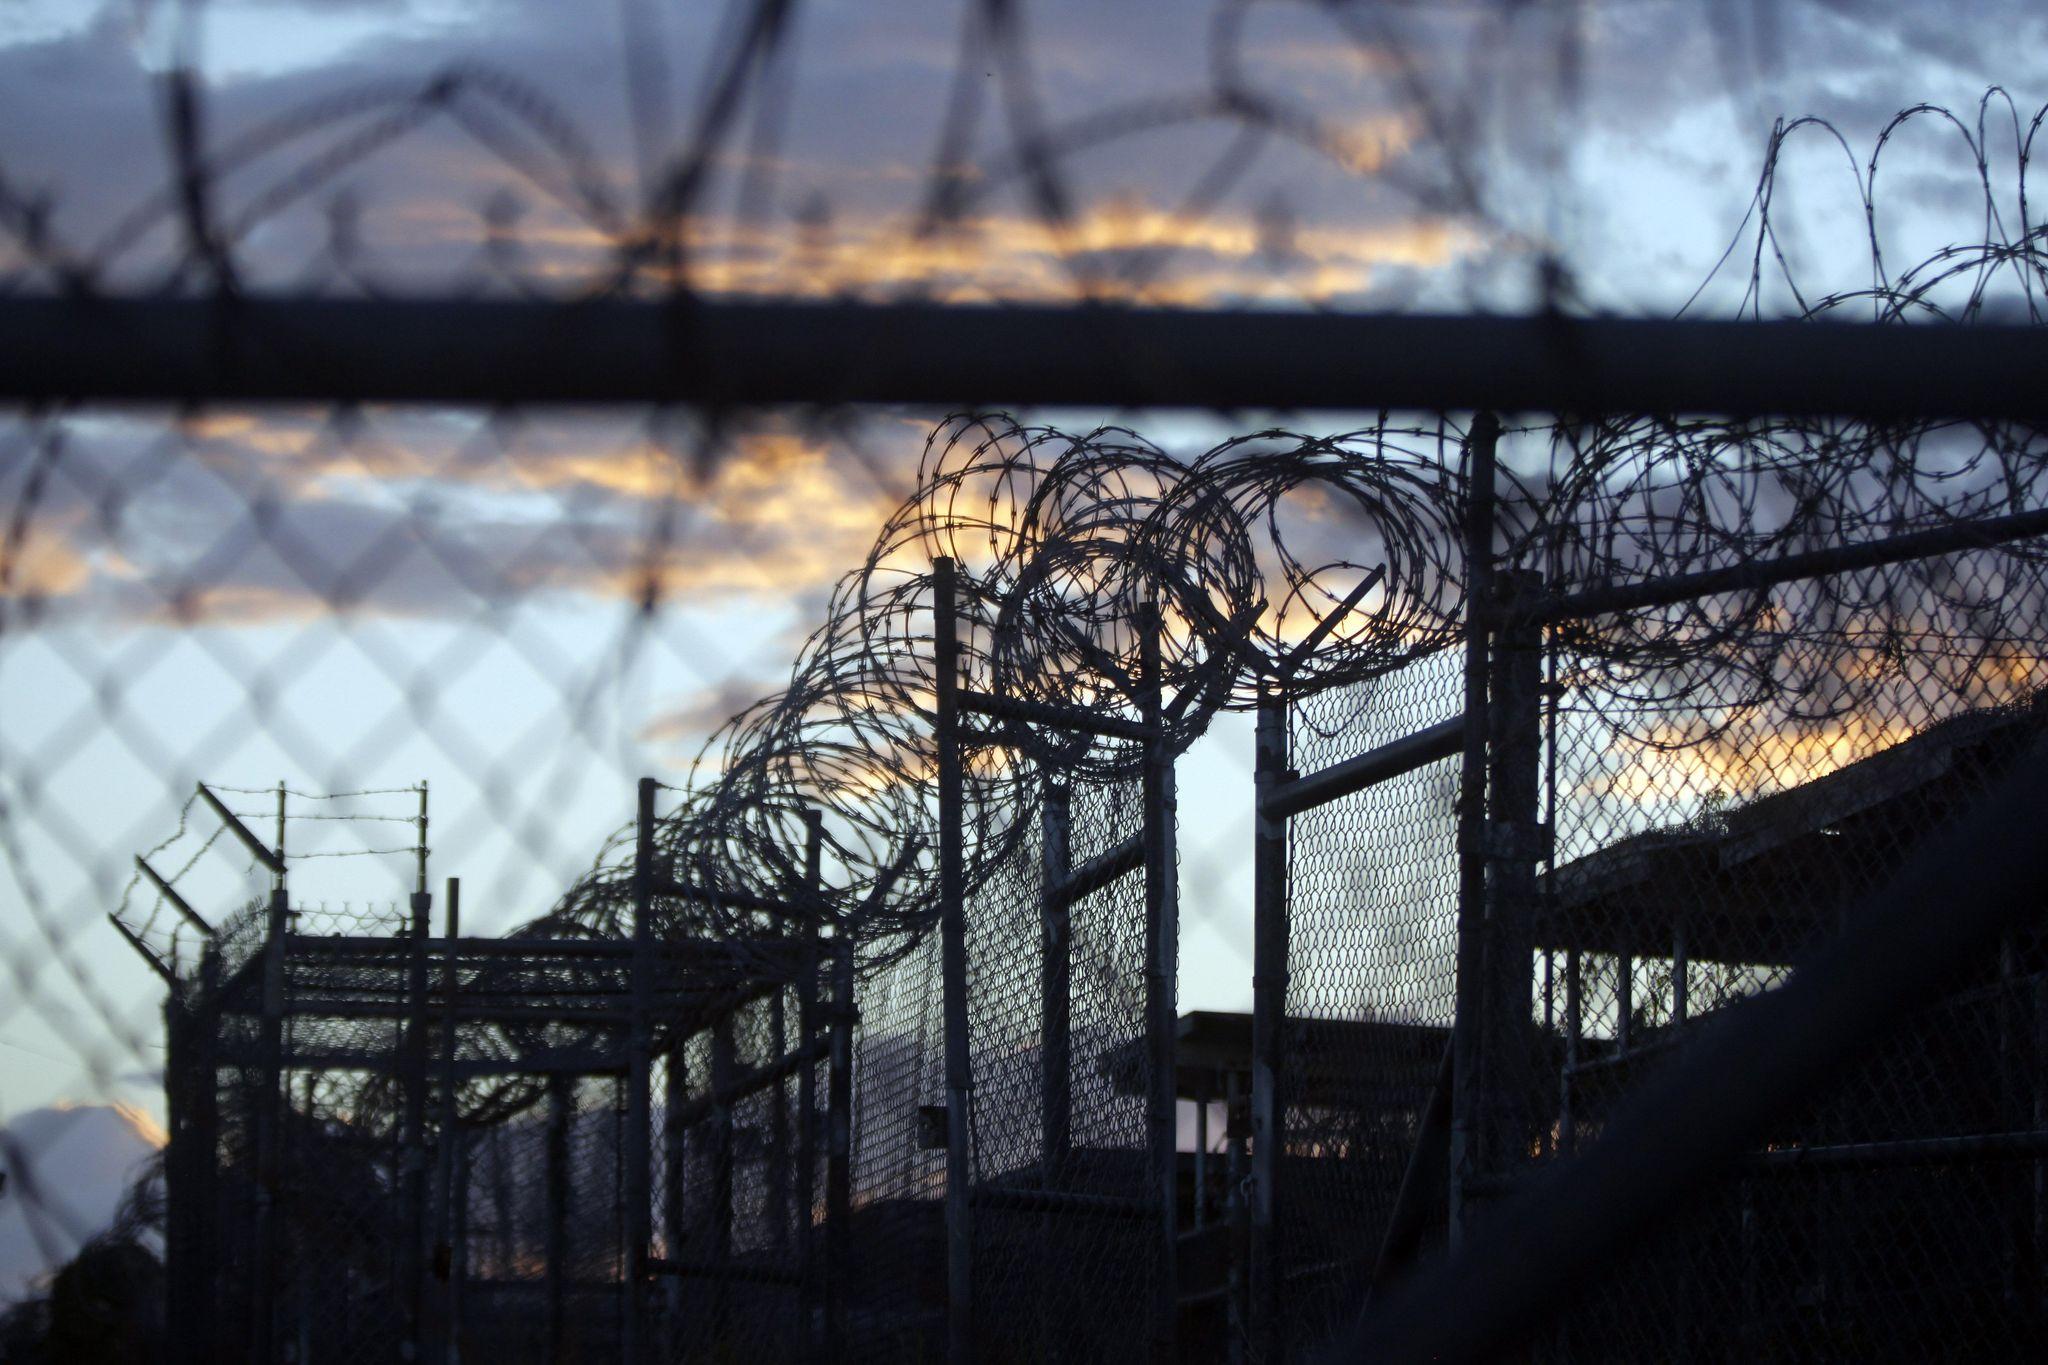 'No' to closing Guantanamo